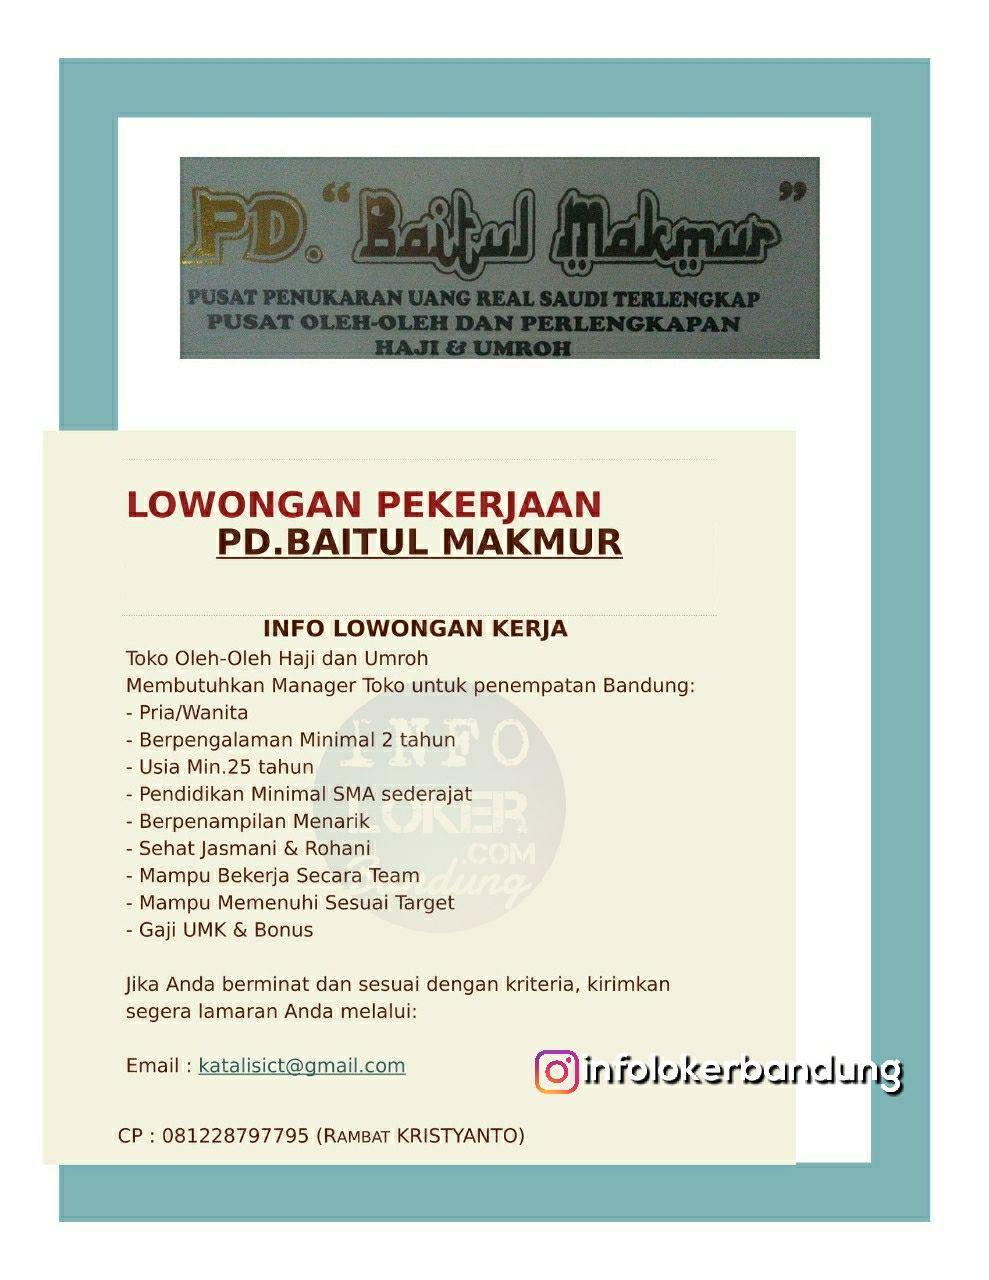 Lowongan Kerja PD.Baitul Makmur Bandung Mei 2018